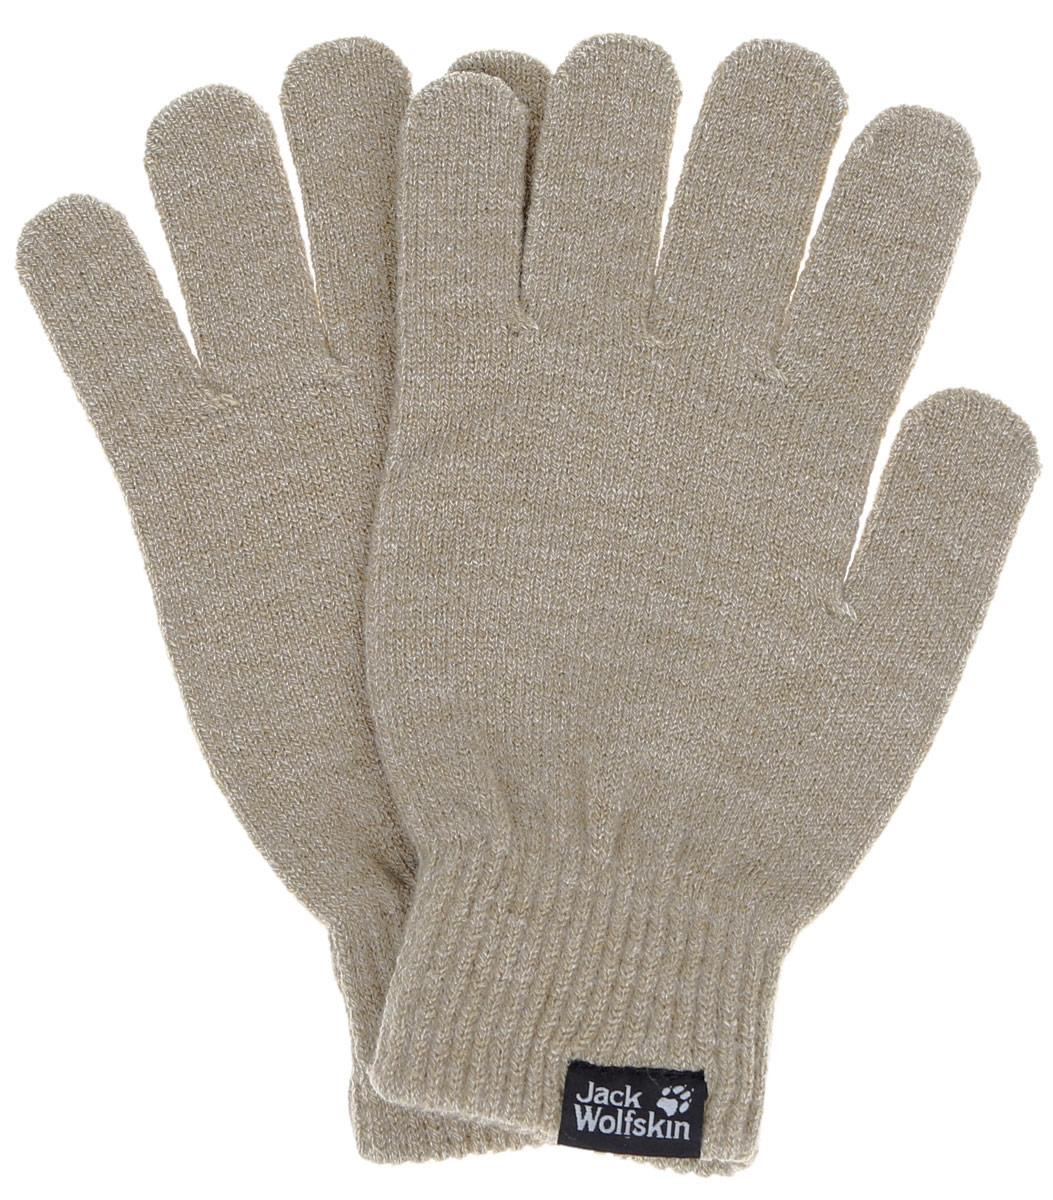 Перчатки1903741-5045Легкие женские перчатки Jack Wolfskin тонкой вязки. Они привлекают очень малым весом. Для этого перчатки выполнены из материала тонкой вязки, который обеспечивает хорошее сохранение тепла и приятно носится. Перчатки защищают от холода в повседневной жизни и коротких зимних прогулках. Уютные шерстяные перчатки оформлены в одной цветовой гамме и дополнены логотипом бренда. Верх модели на мягкой резинке, которая не стягивает запястья и надежно фиксирует перчатки на руках. Современный дизайн и расцветка делают эти перчатки модным и стильным предметом вашего гардероба. В них вы будет чувствовать себя уютно и комфортно.